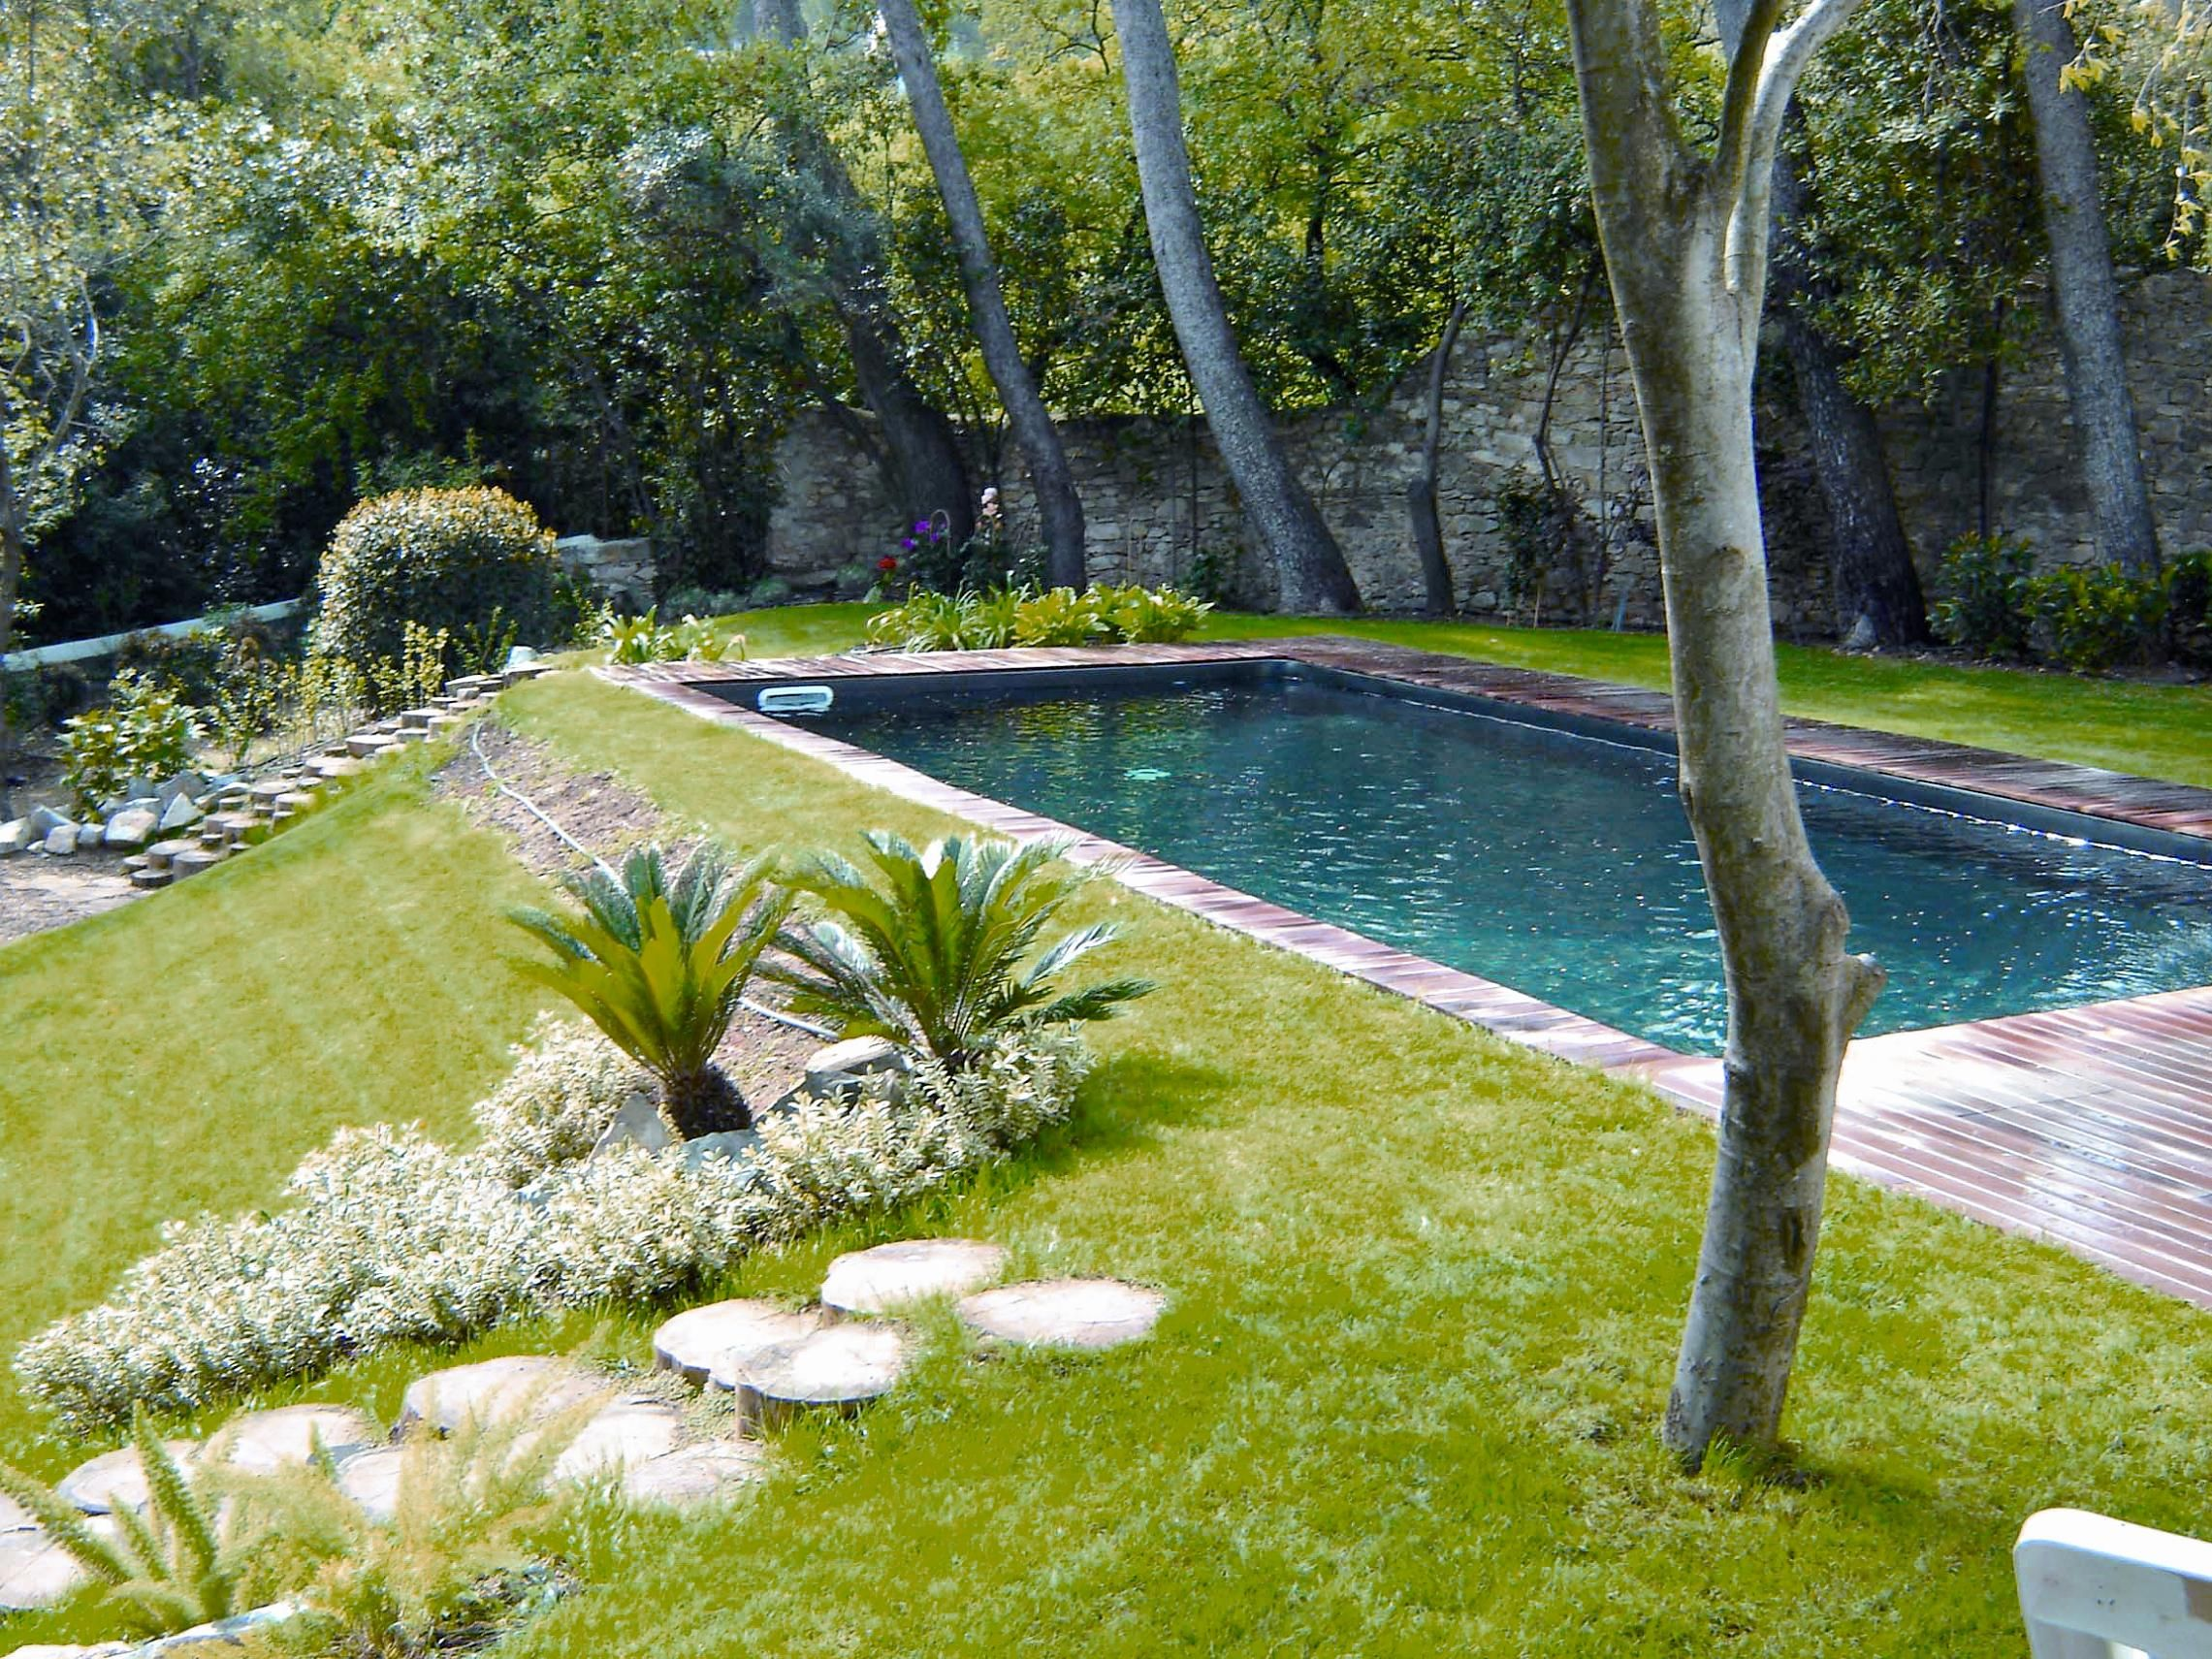 Piscine b ton liner piscine pinterest piscine for Piscine beton liner